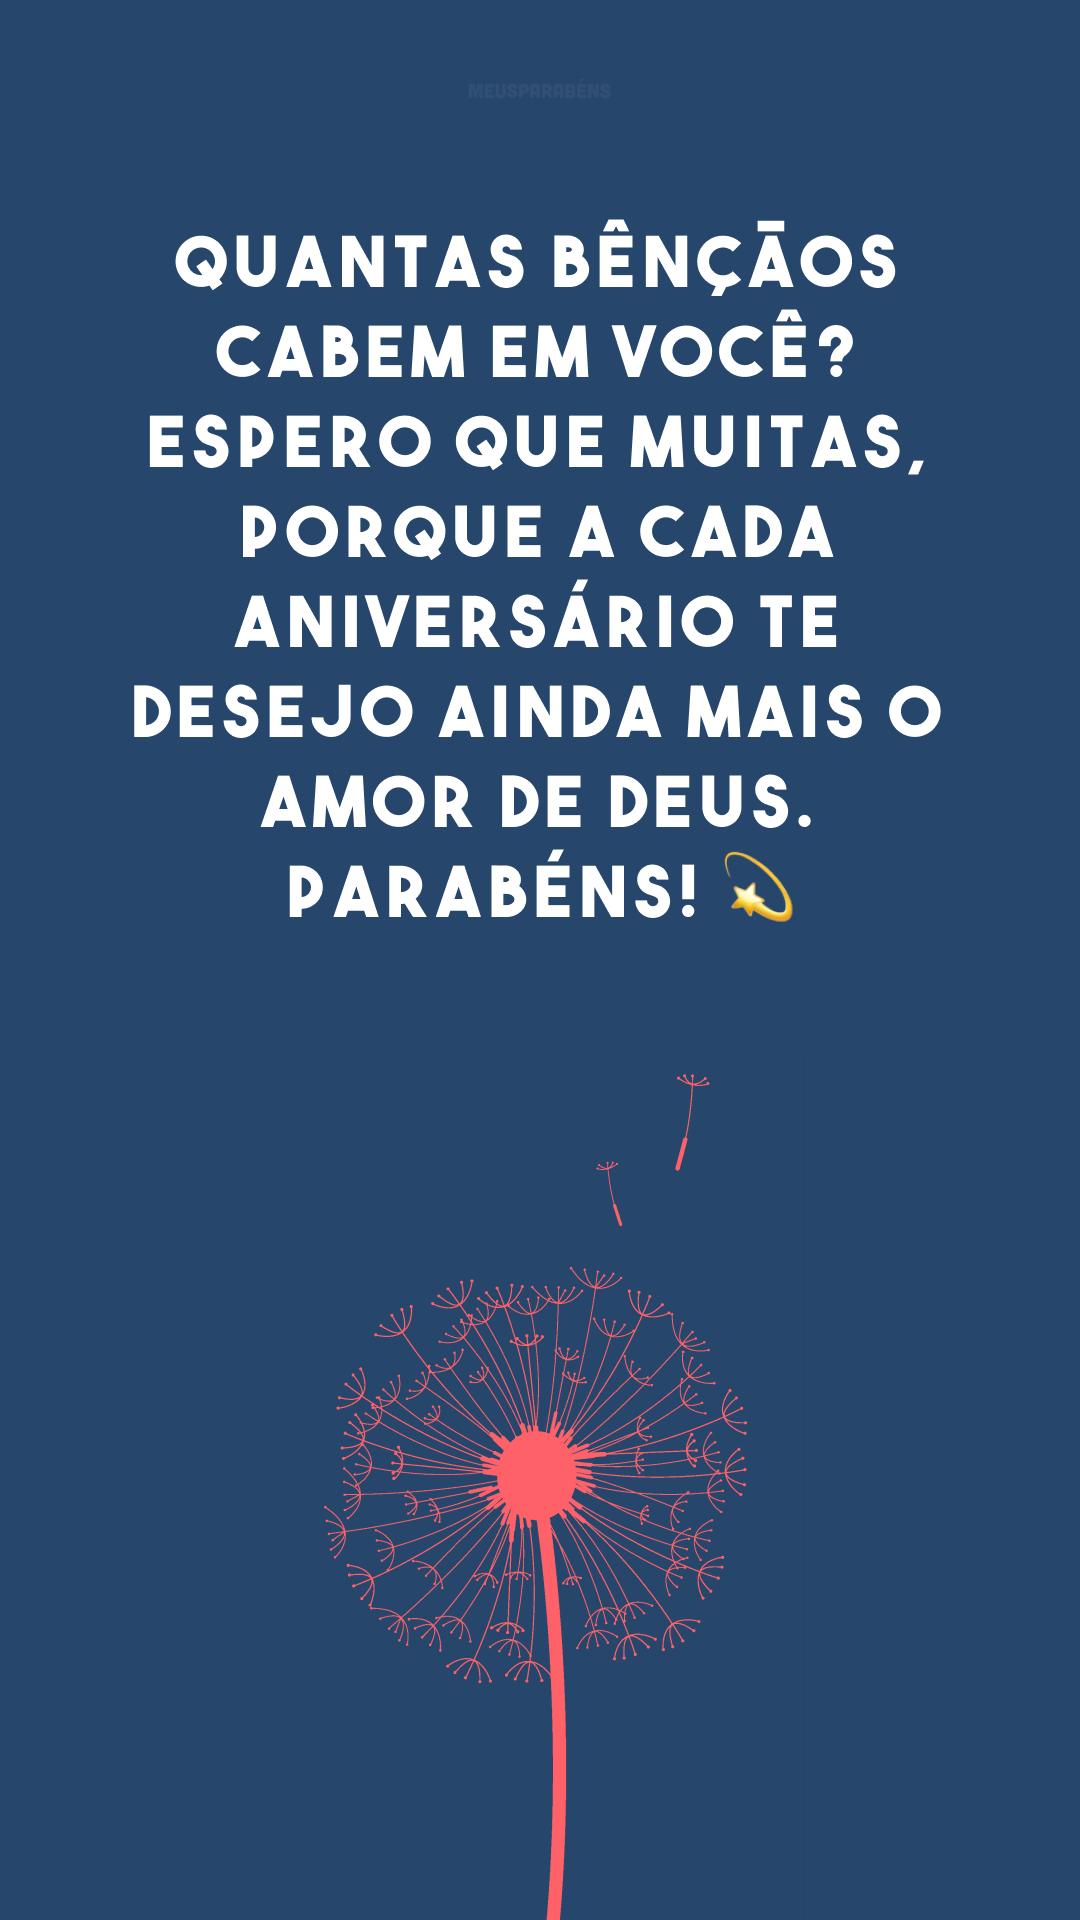 Quantas bênçãos cabem em você? Espero que muitas, porque a cada aniversário te desejo ainda mais o amor de Deus. Parabéns! 💫